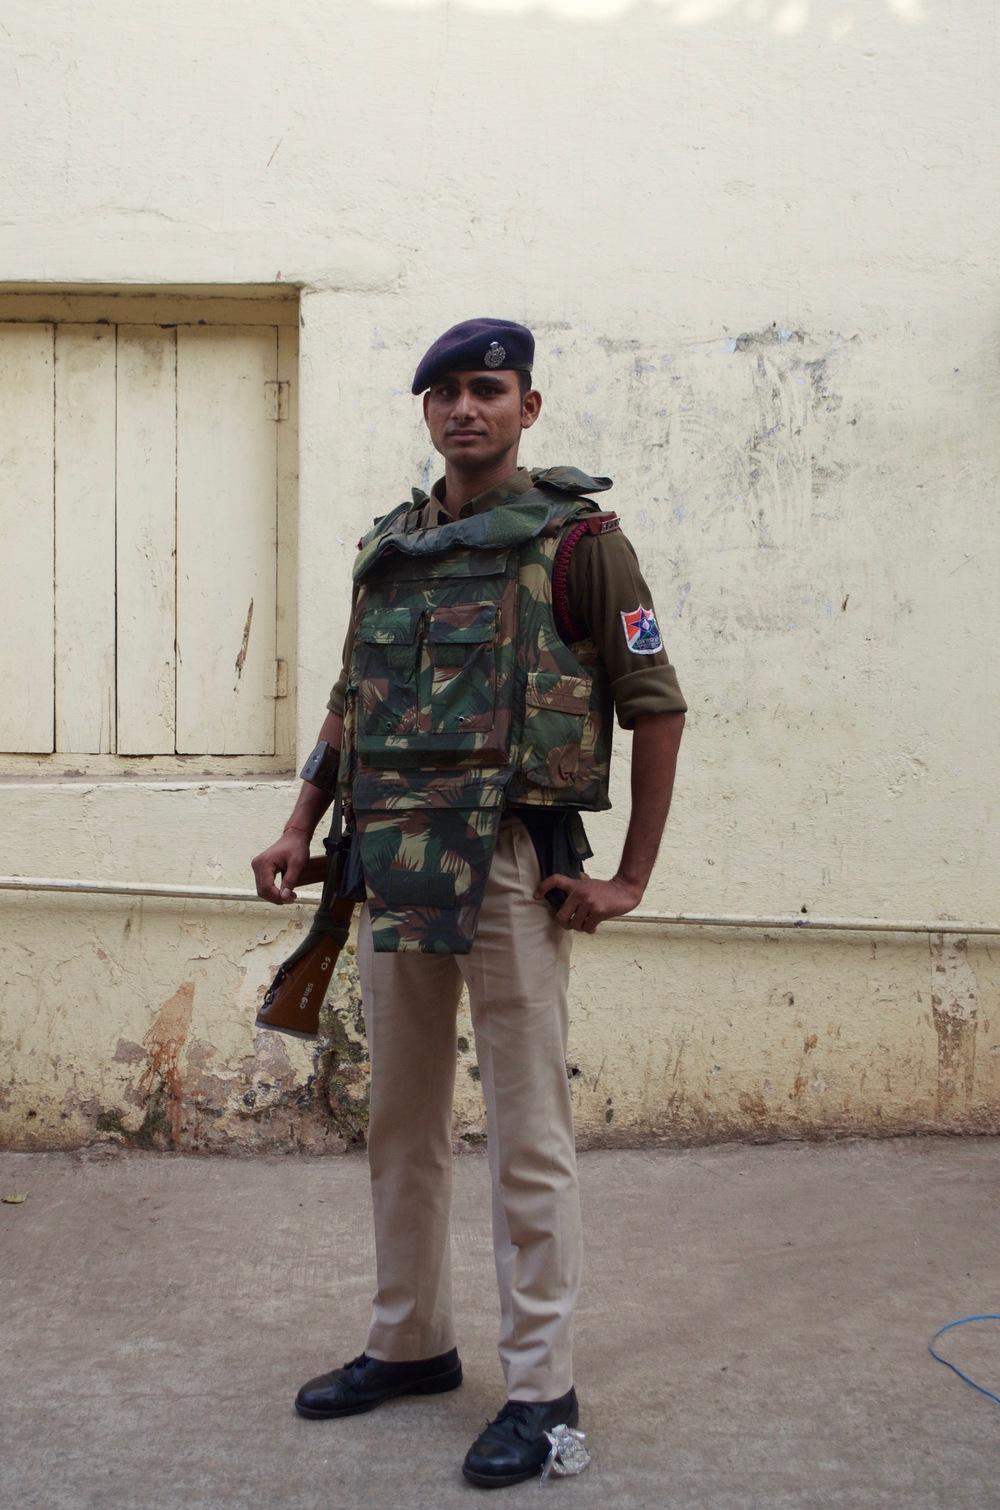 Ranbath Singh